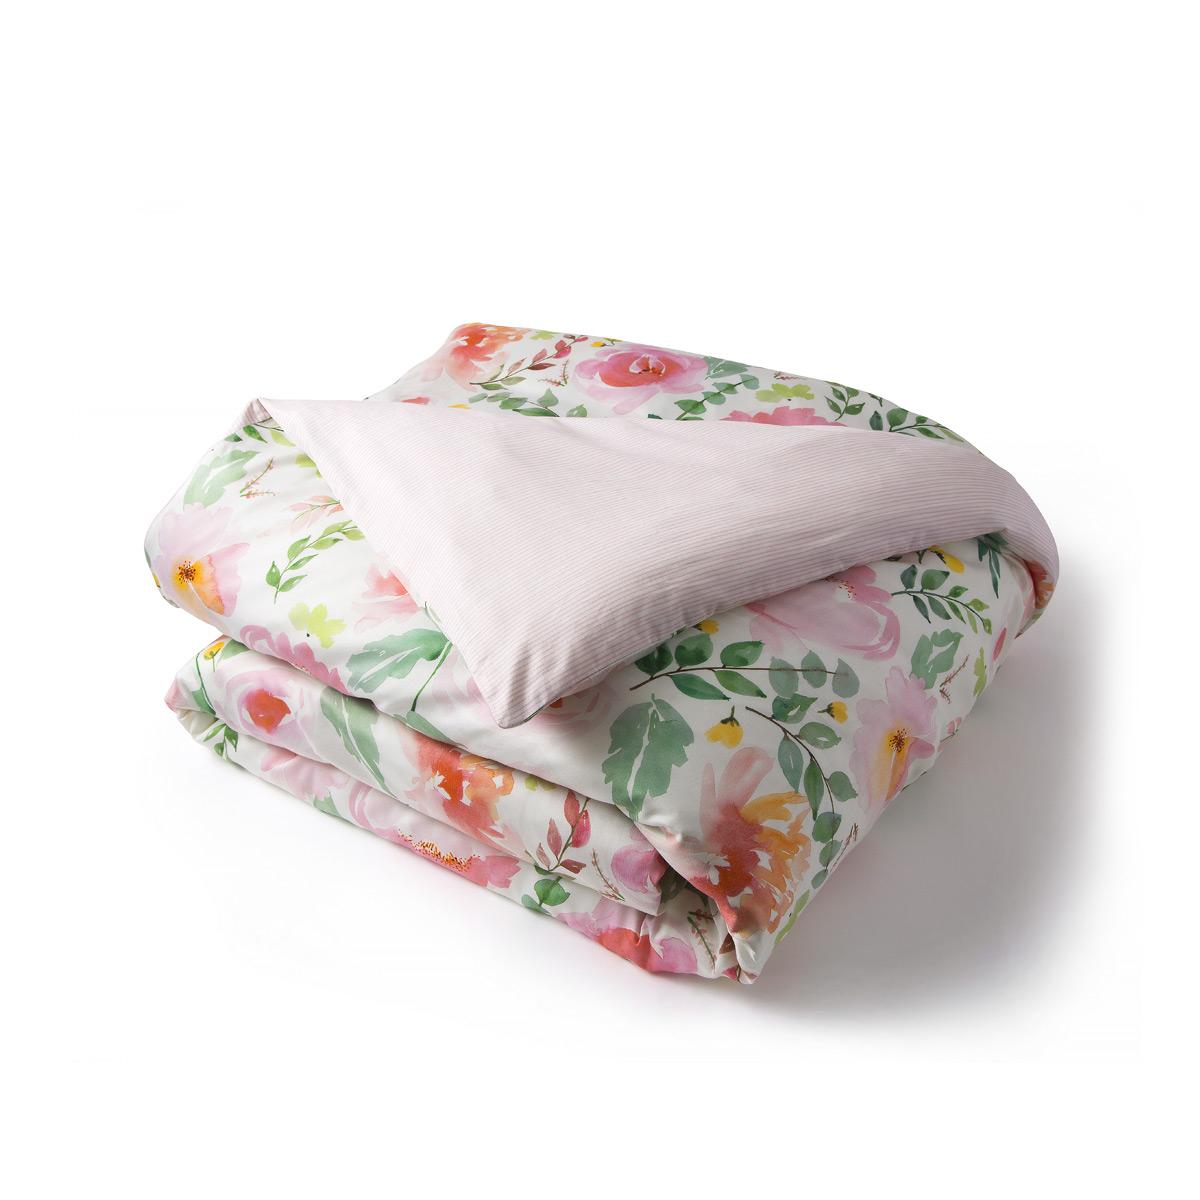 parure delicatesse soldes jusqu 39 55 linge de lit de qualit tradition des vosges. Black Bedroom Furniture Sets. Home Design Ideas